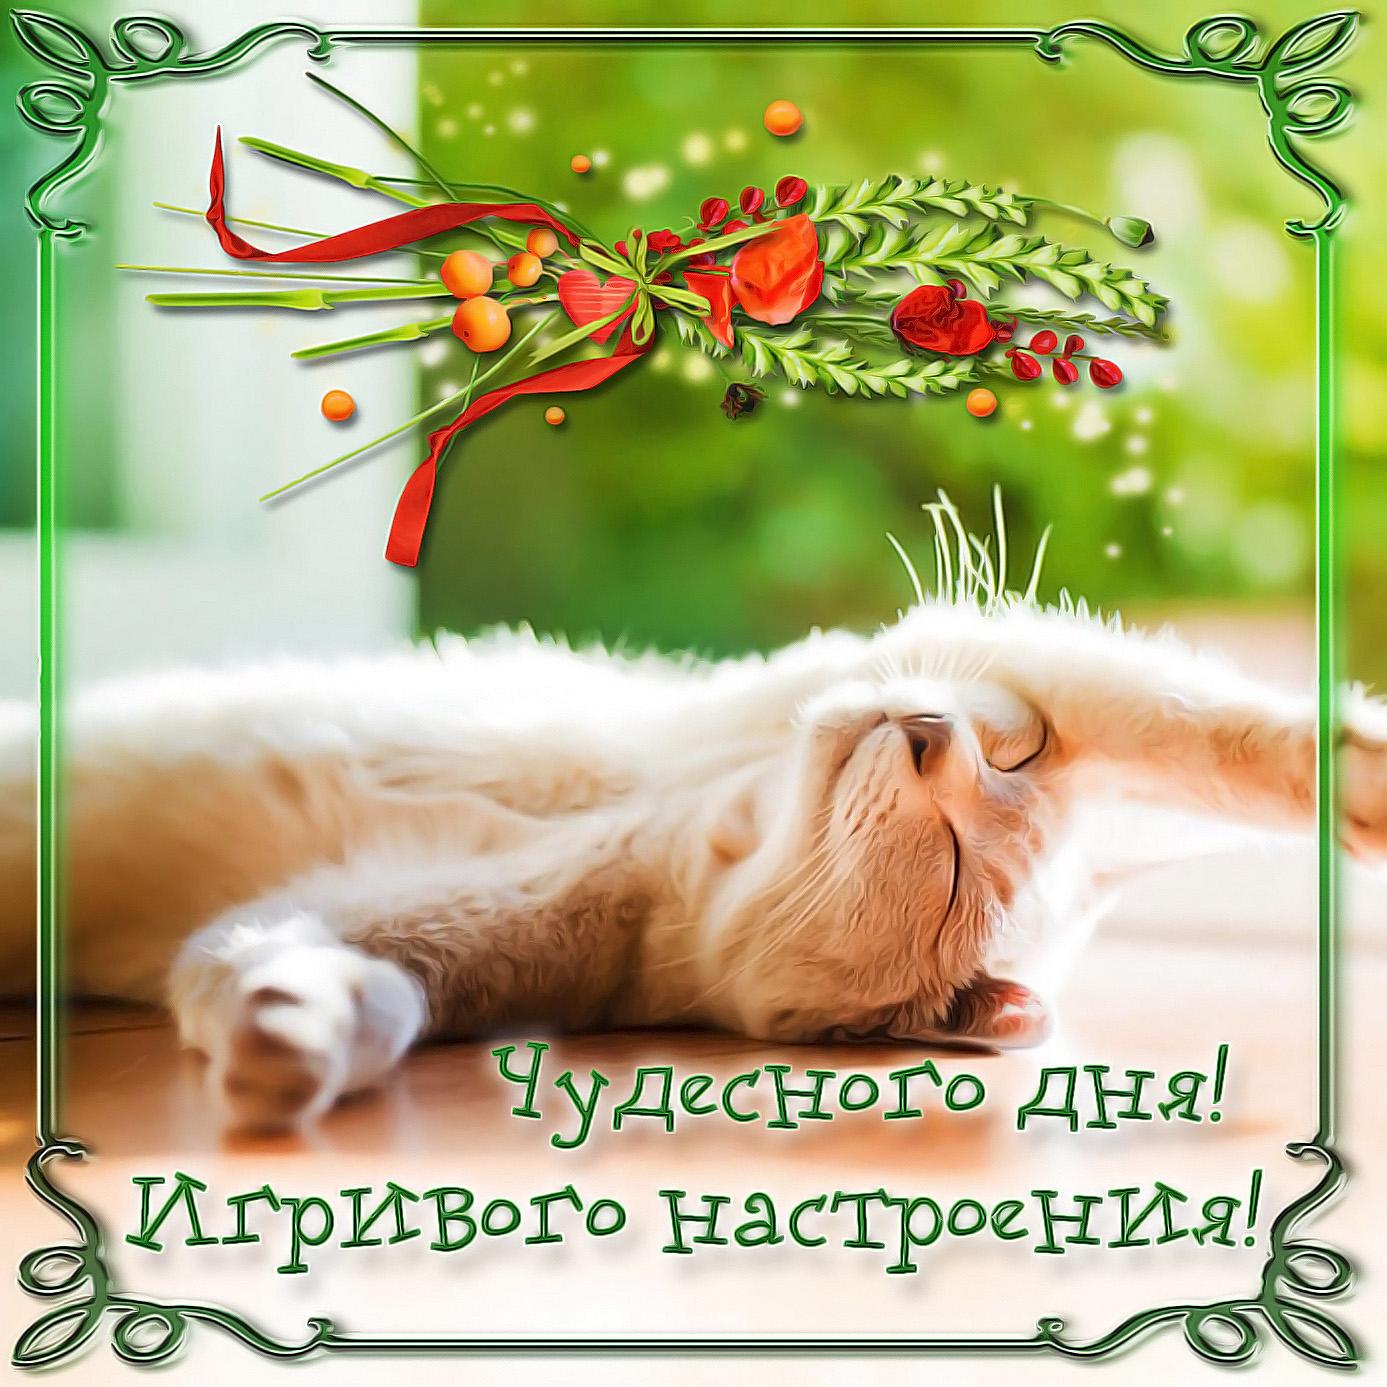 Картинка с котиком в игривом настроении